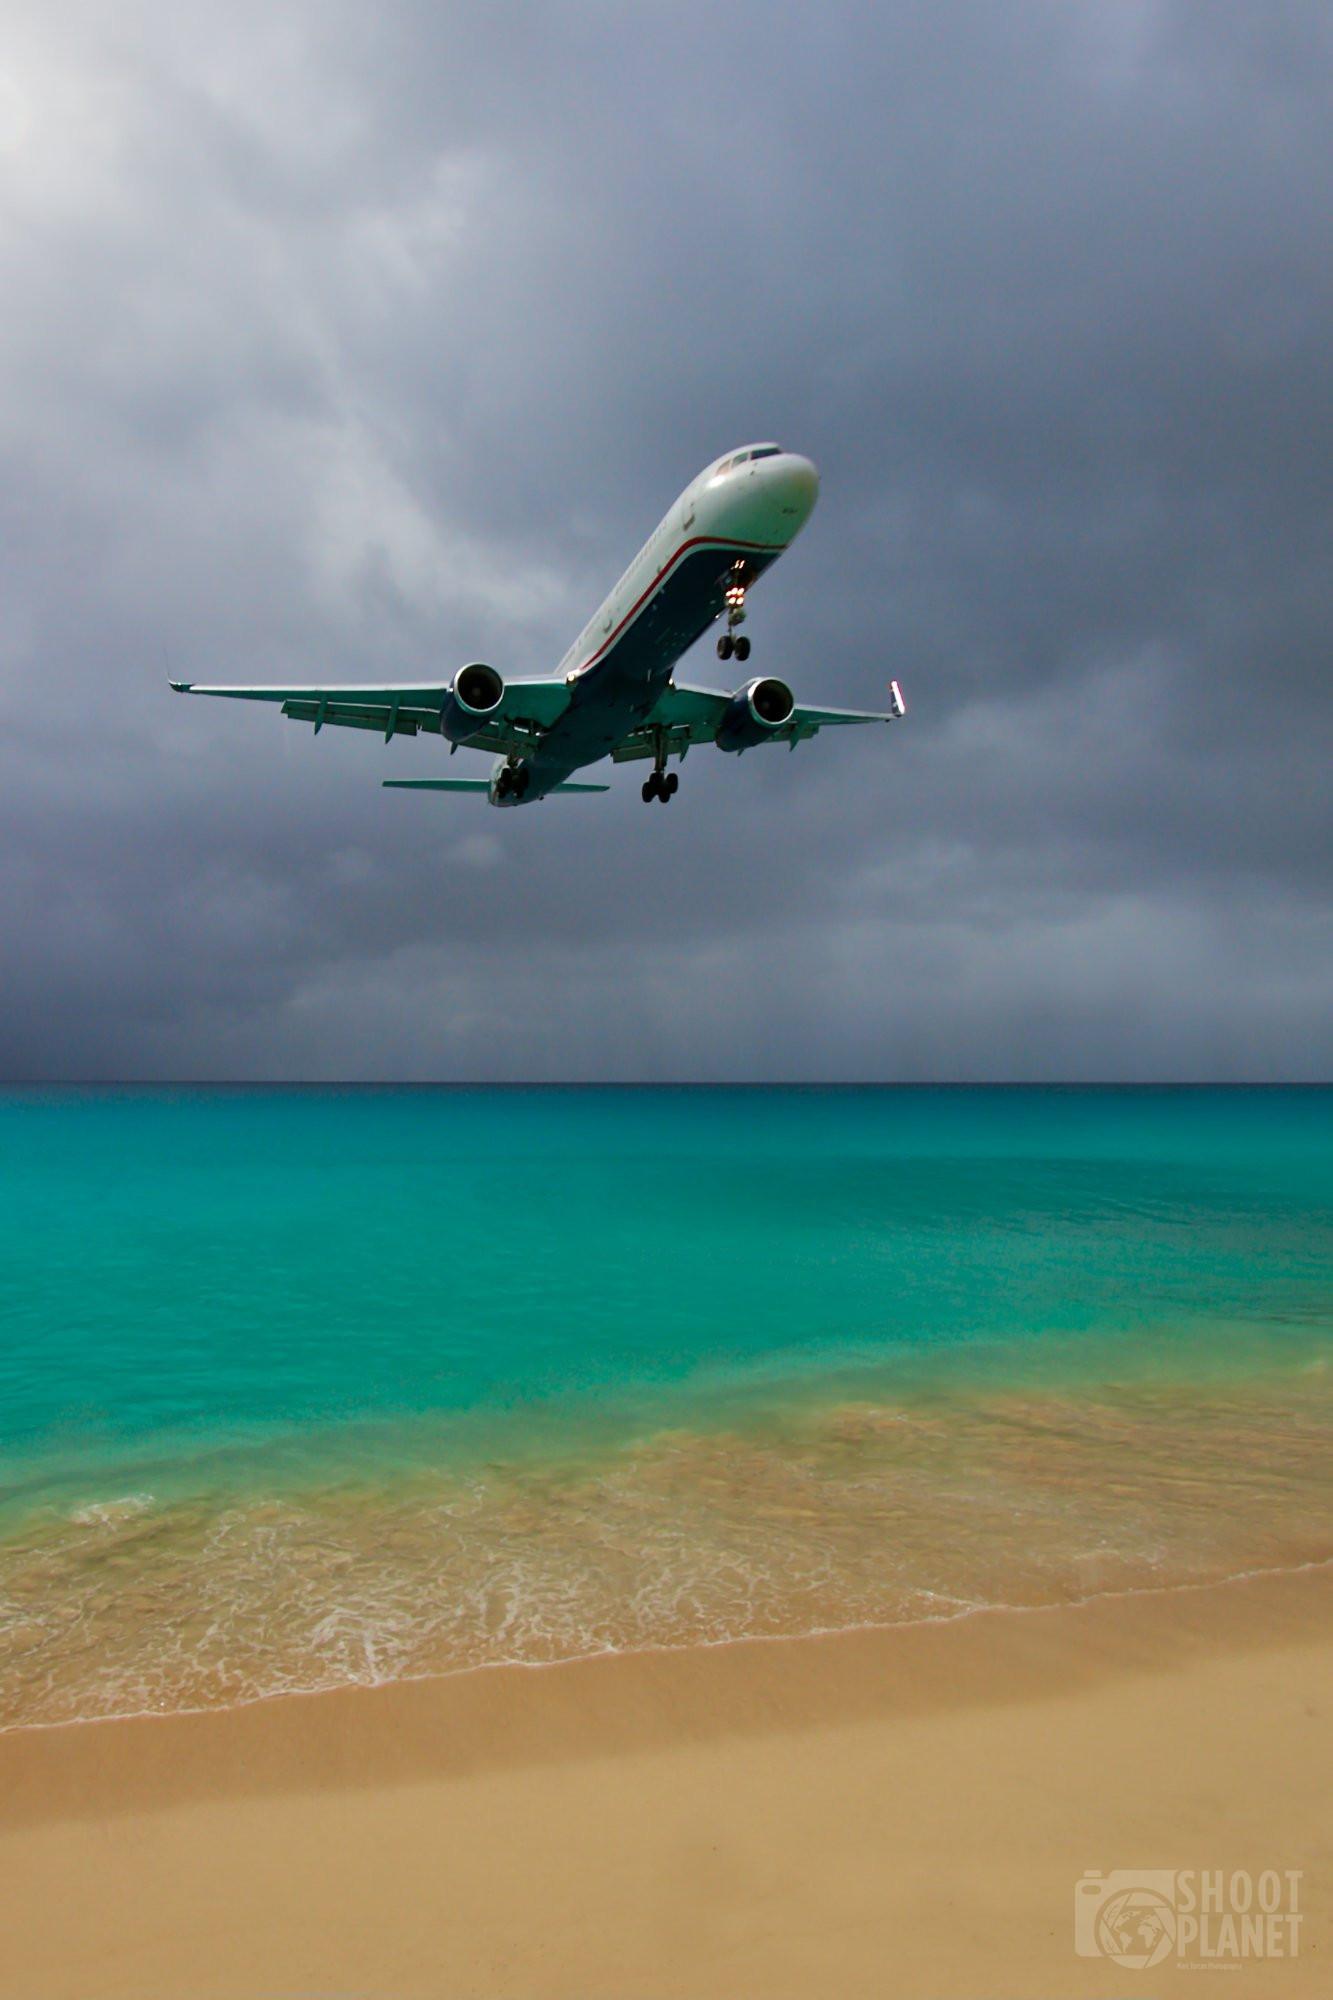 Plane landing in Sint Marteen Caribbean island